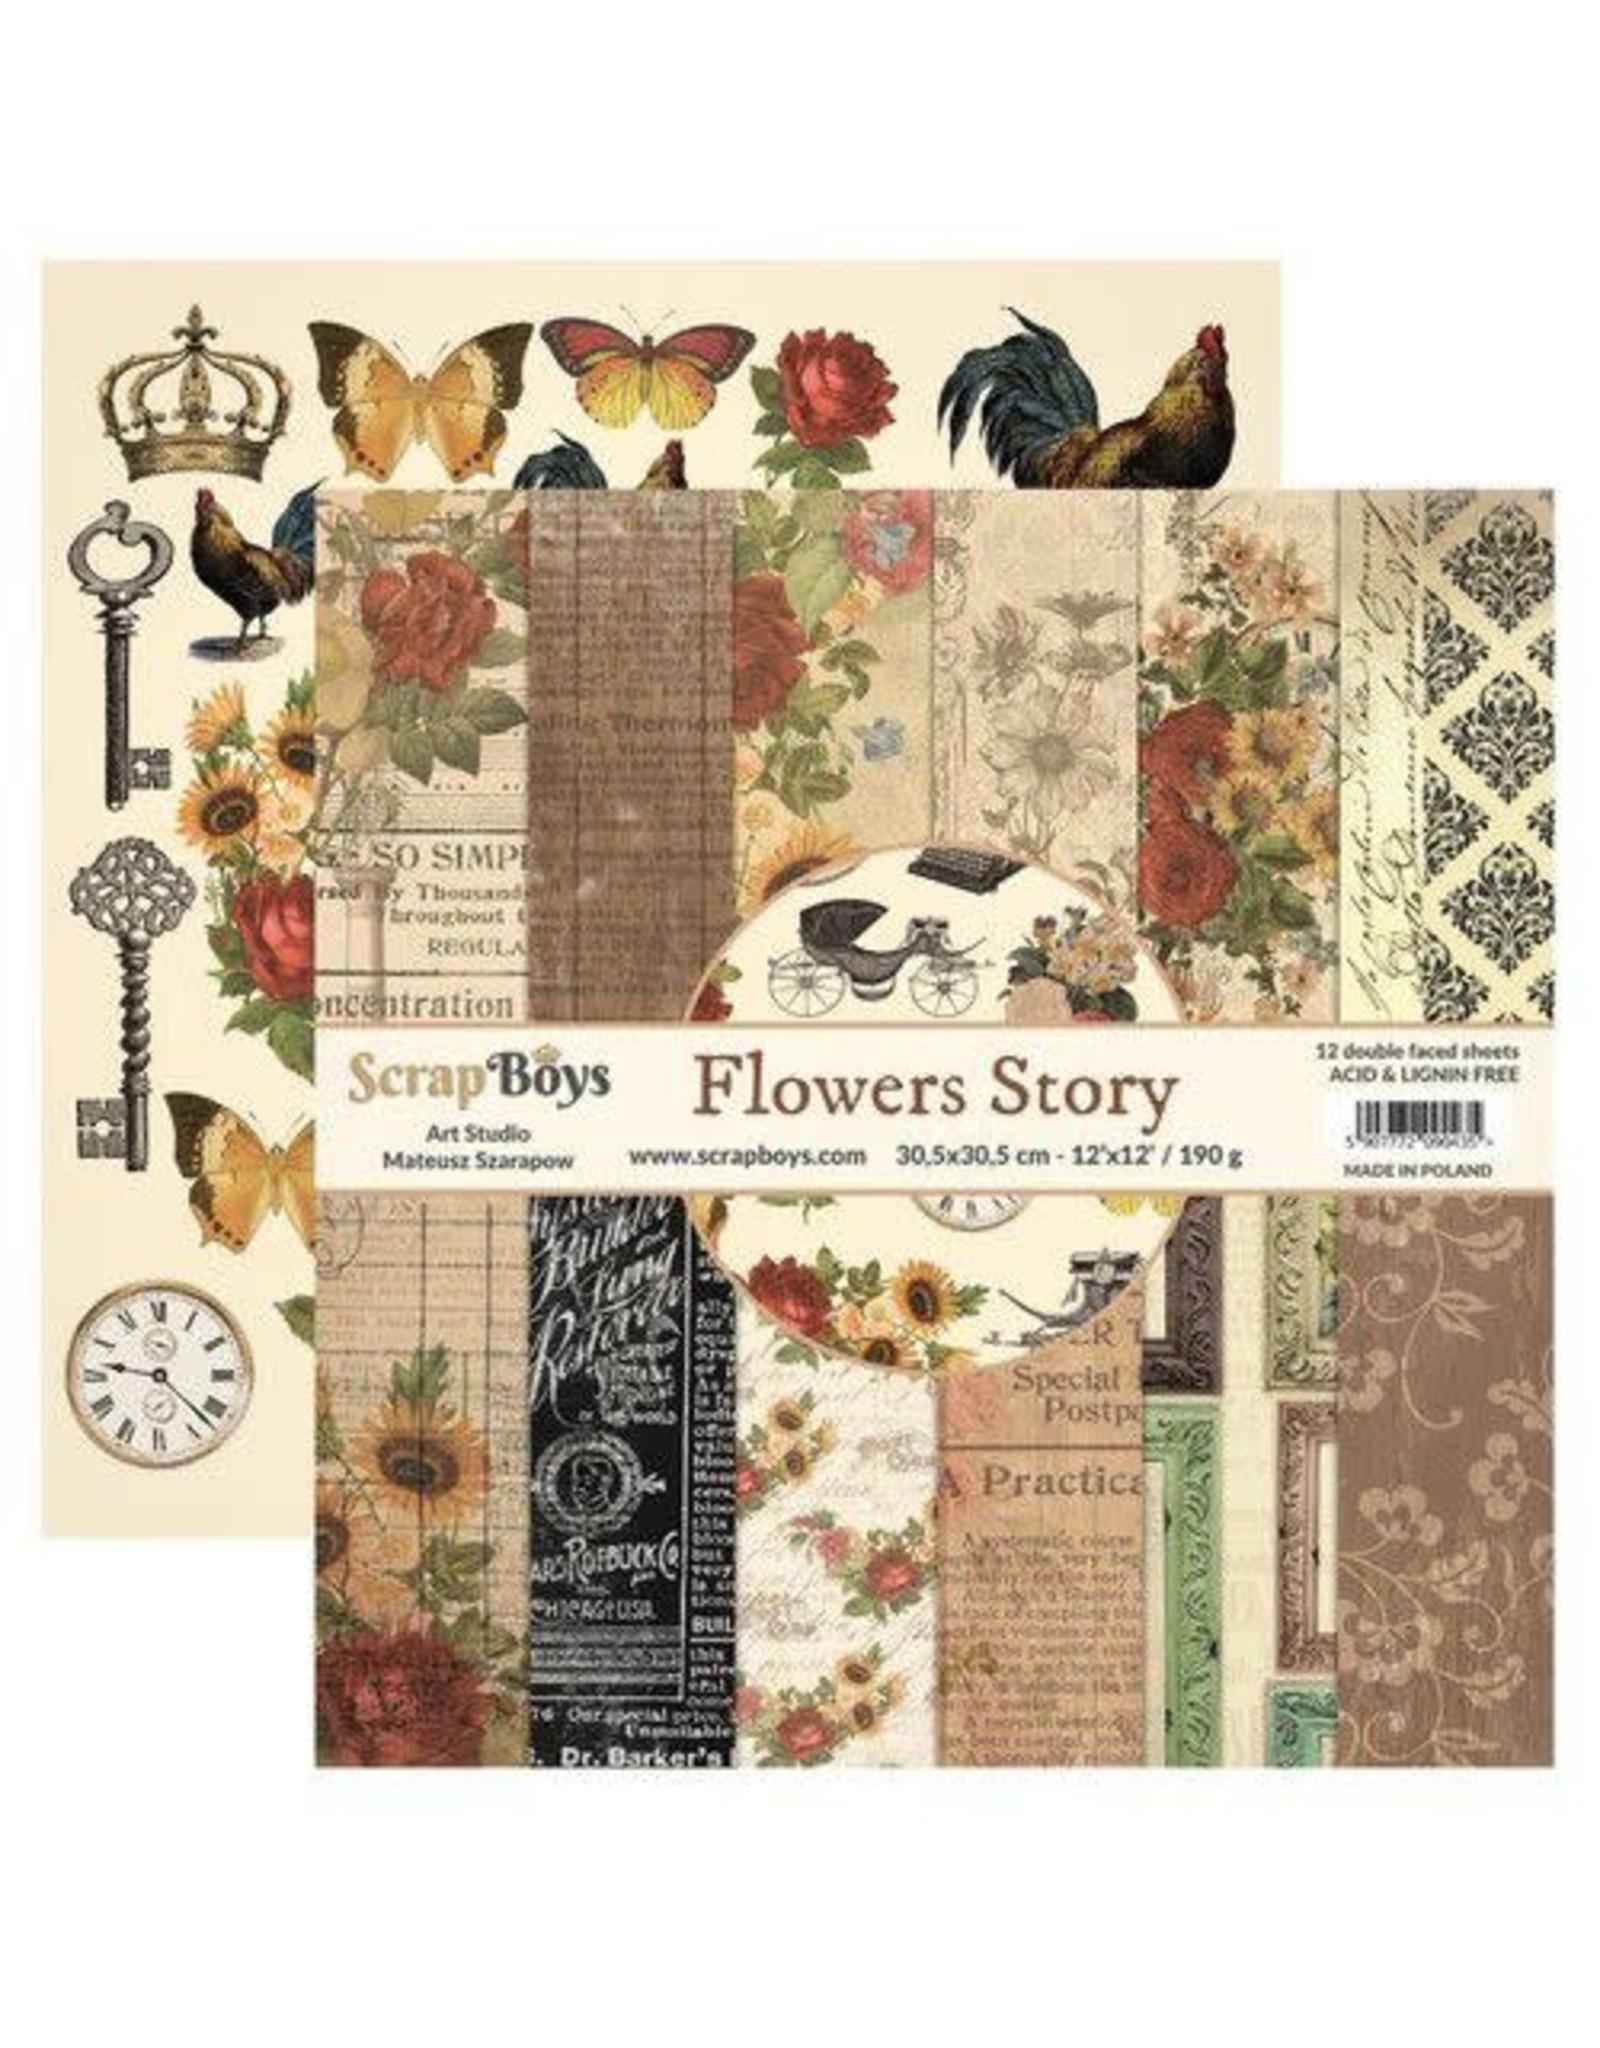 Scrapboys ScrapBoys Flowers Story paperset 12 vl+cut out elements-DZ FLST-08 190gr 30,5cmx30,5cm